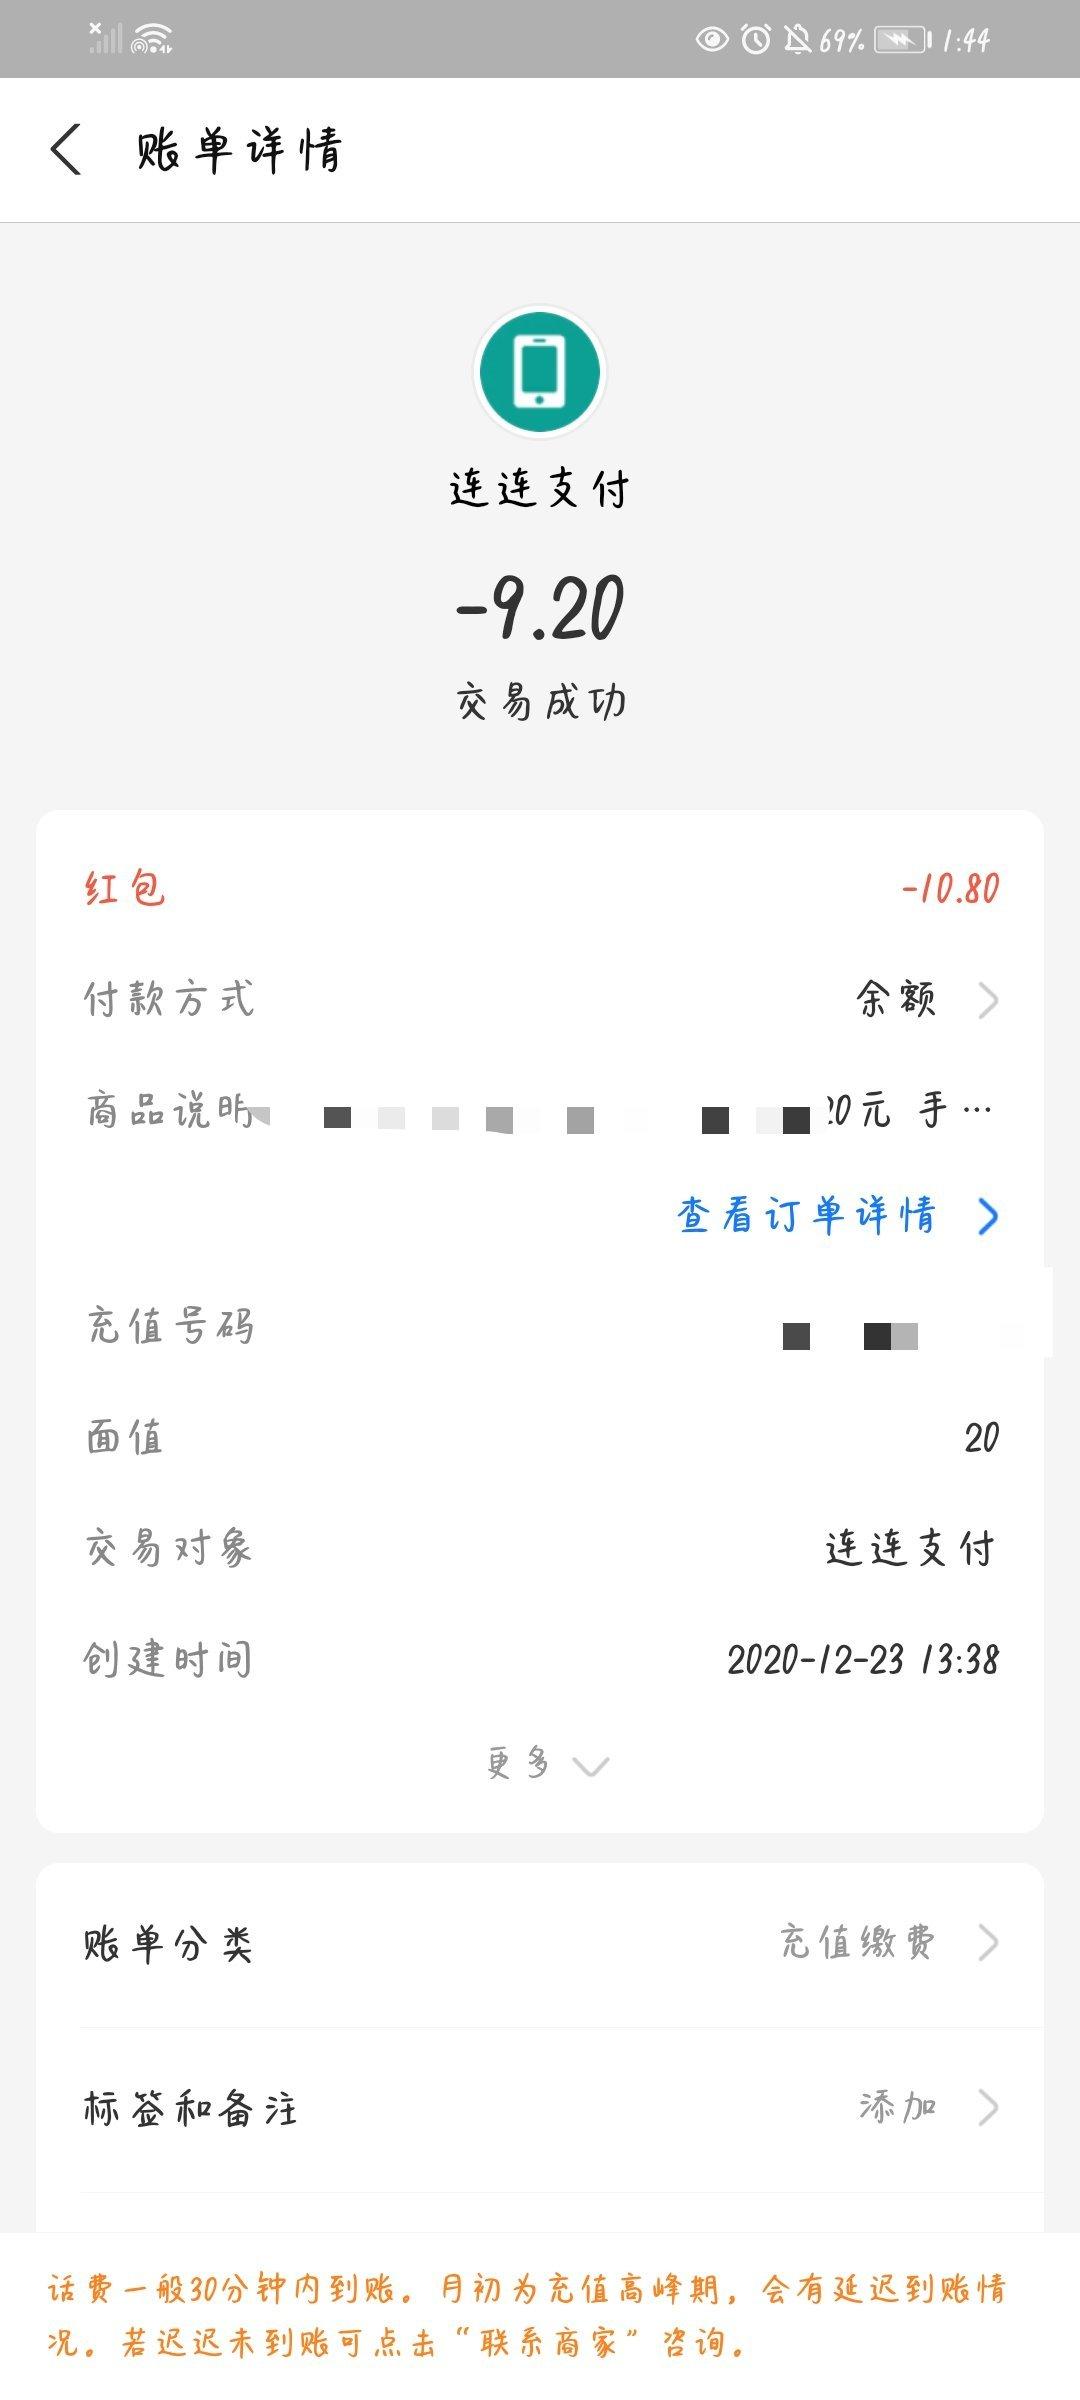 图片[2]-支付宝白嫖10话费-老友薅羊毛活动线报网